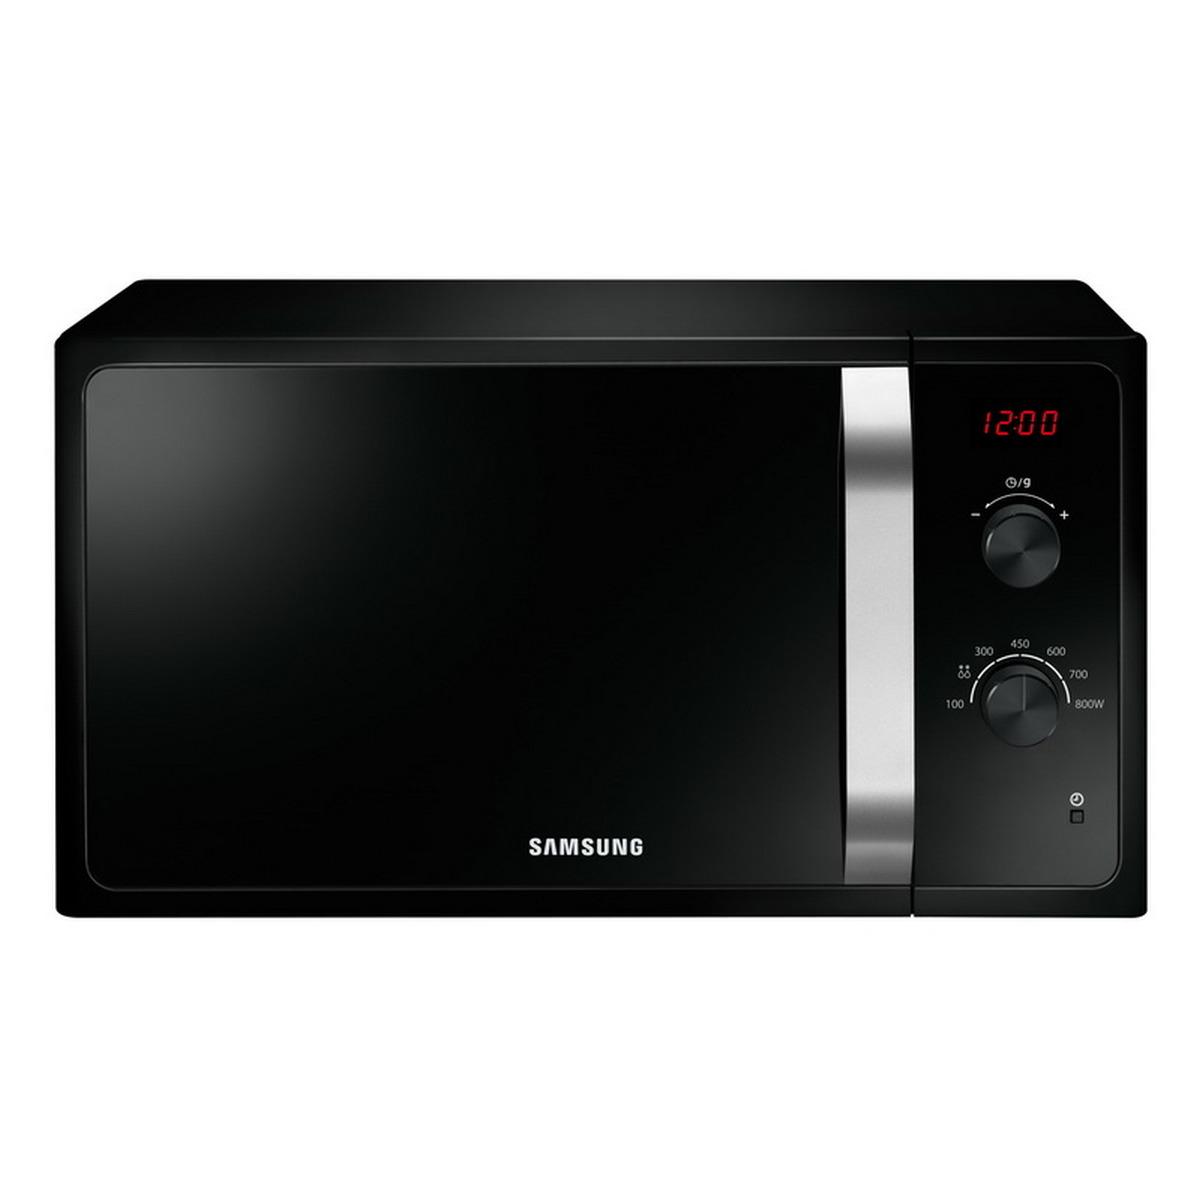 Samsung Microwave (800W, 23 L) MS23F300EEK/ST